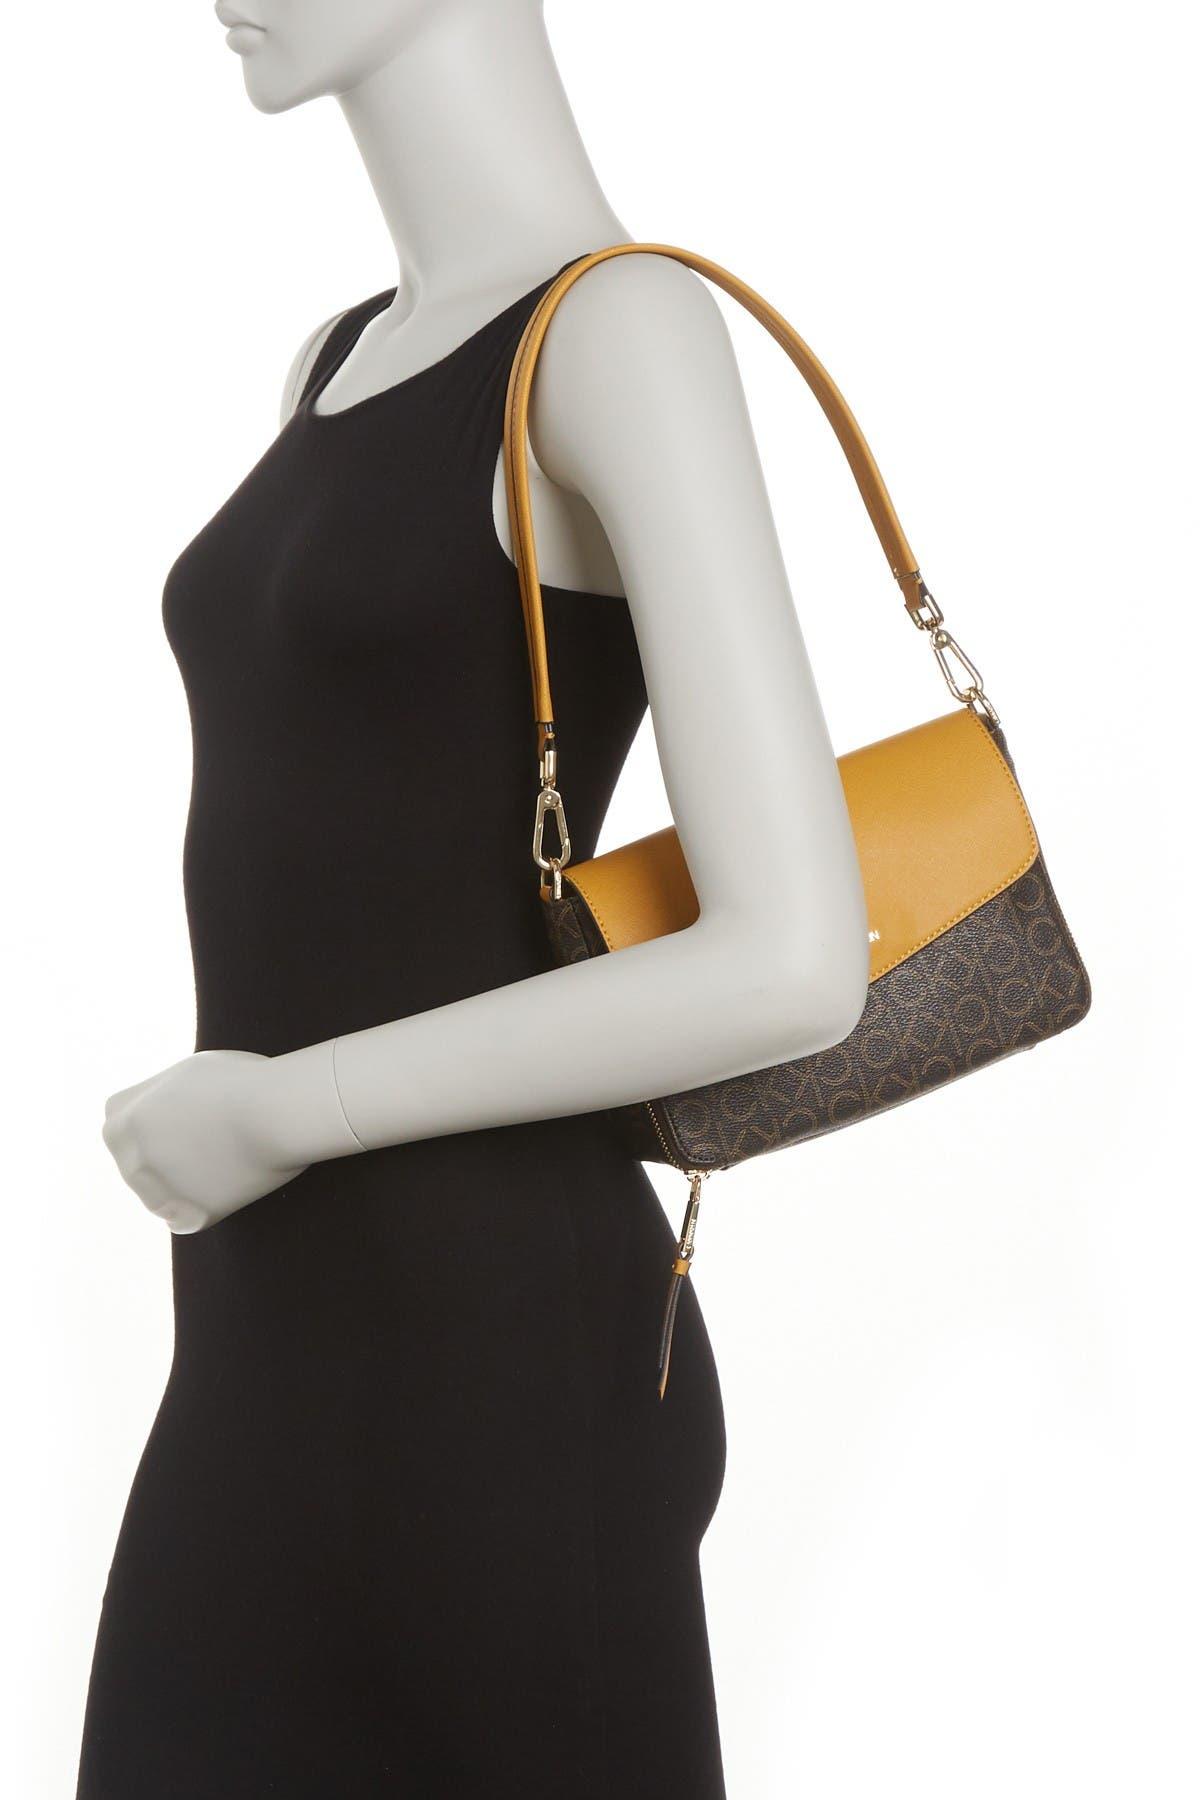 Image of Calvin Klein Ava Signature Bag